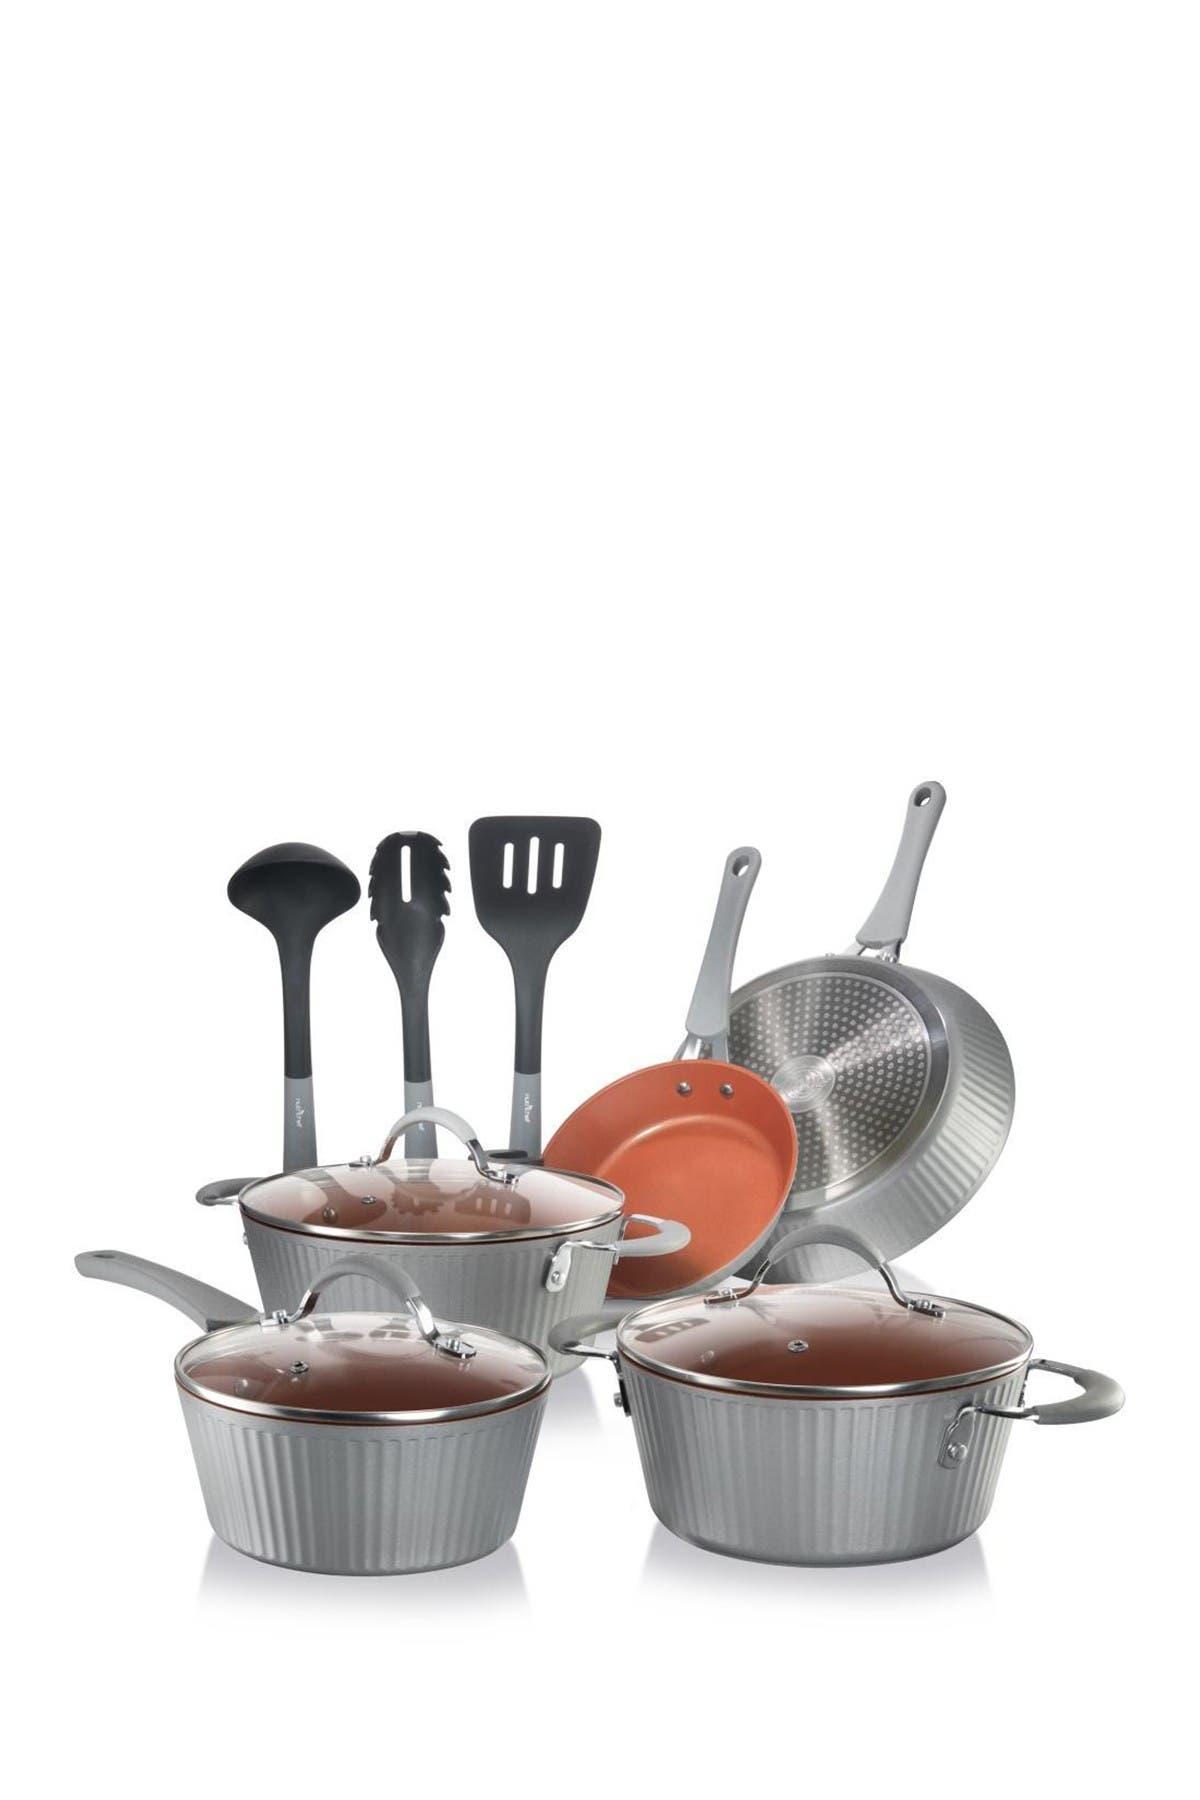 Image of NutriChef Kitchenware Non-Stick Pots & Pans Set, Silver - 11-Piece Set